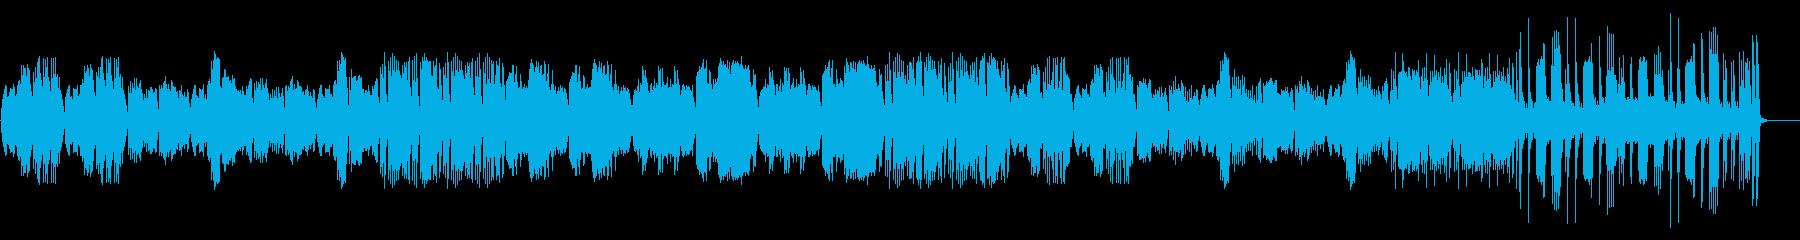 トルコ行進曲/ モーツァルト ピアノソロの再生済みの波形